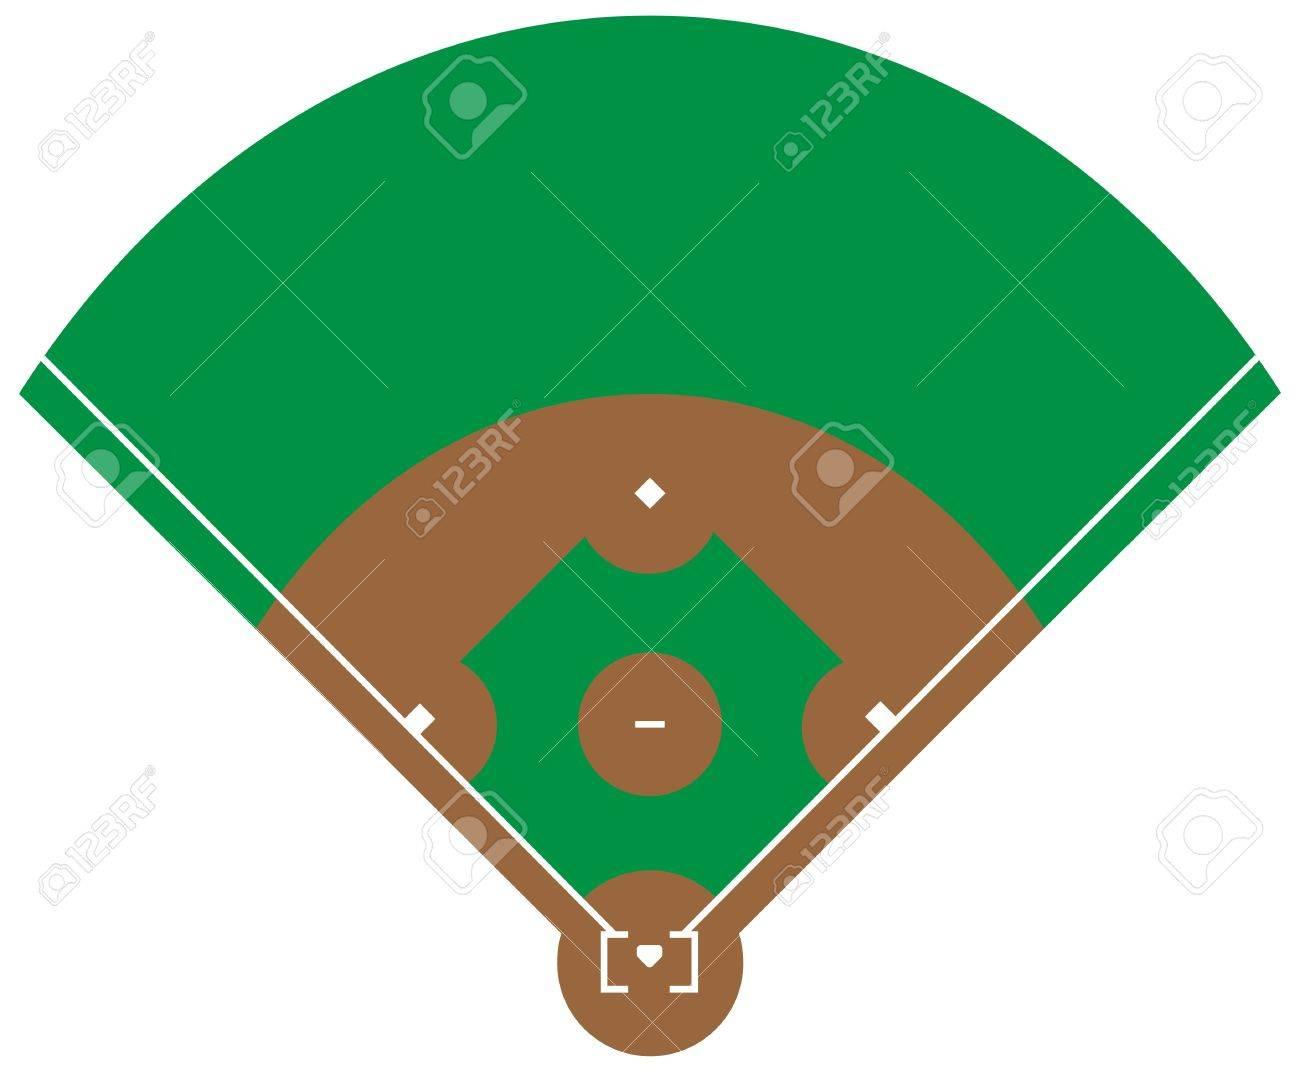 Gemütlich Baseball Feld Aufstellung Vorlage Zeitgenössisch - Entry ...